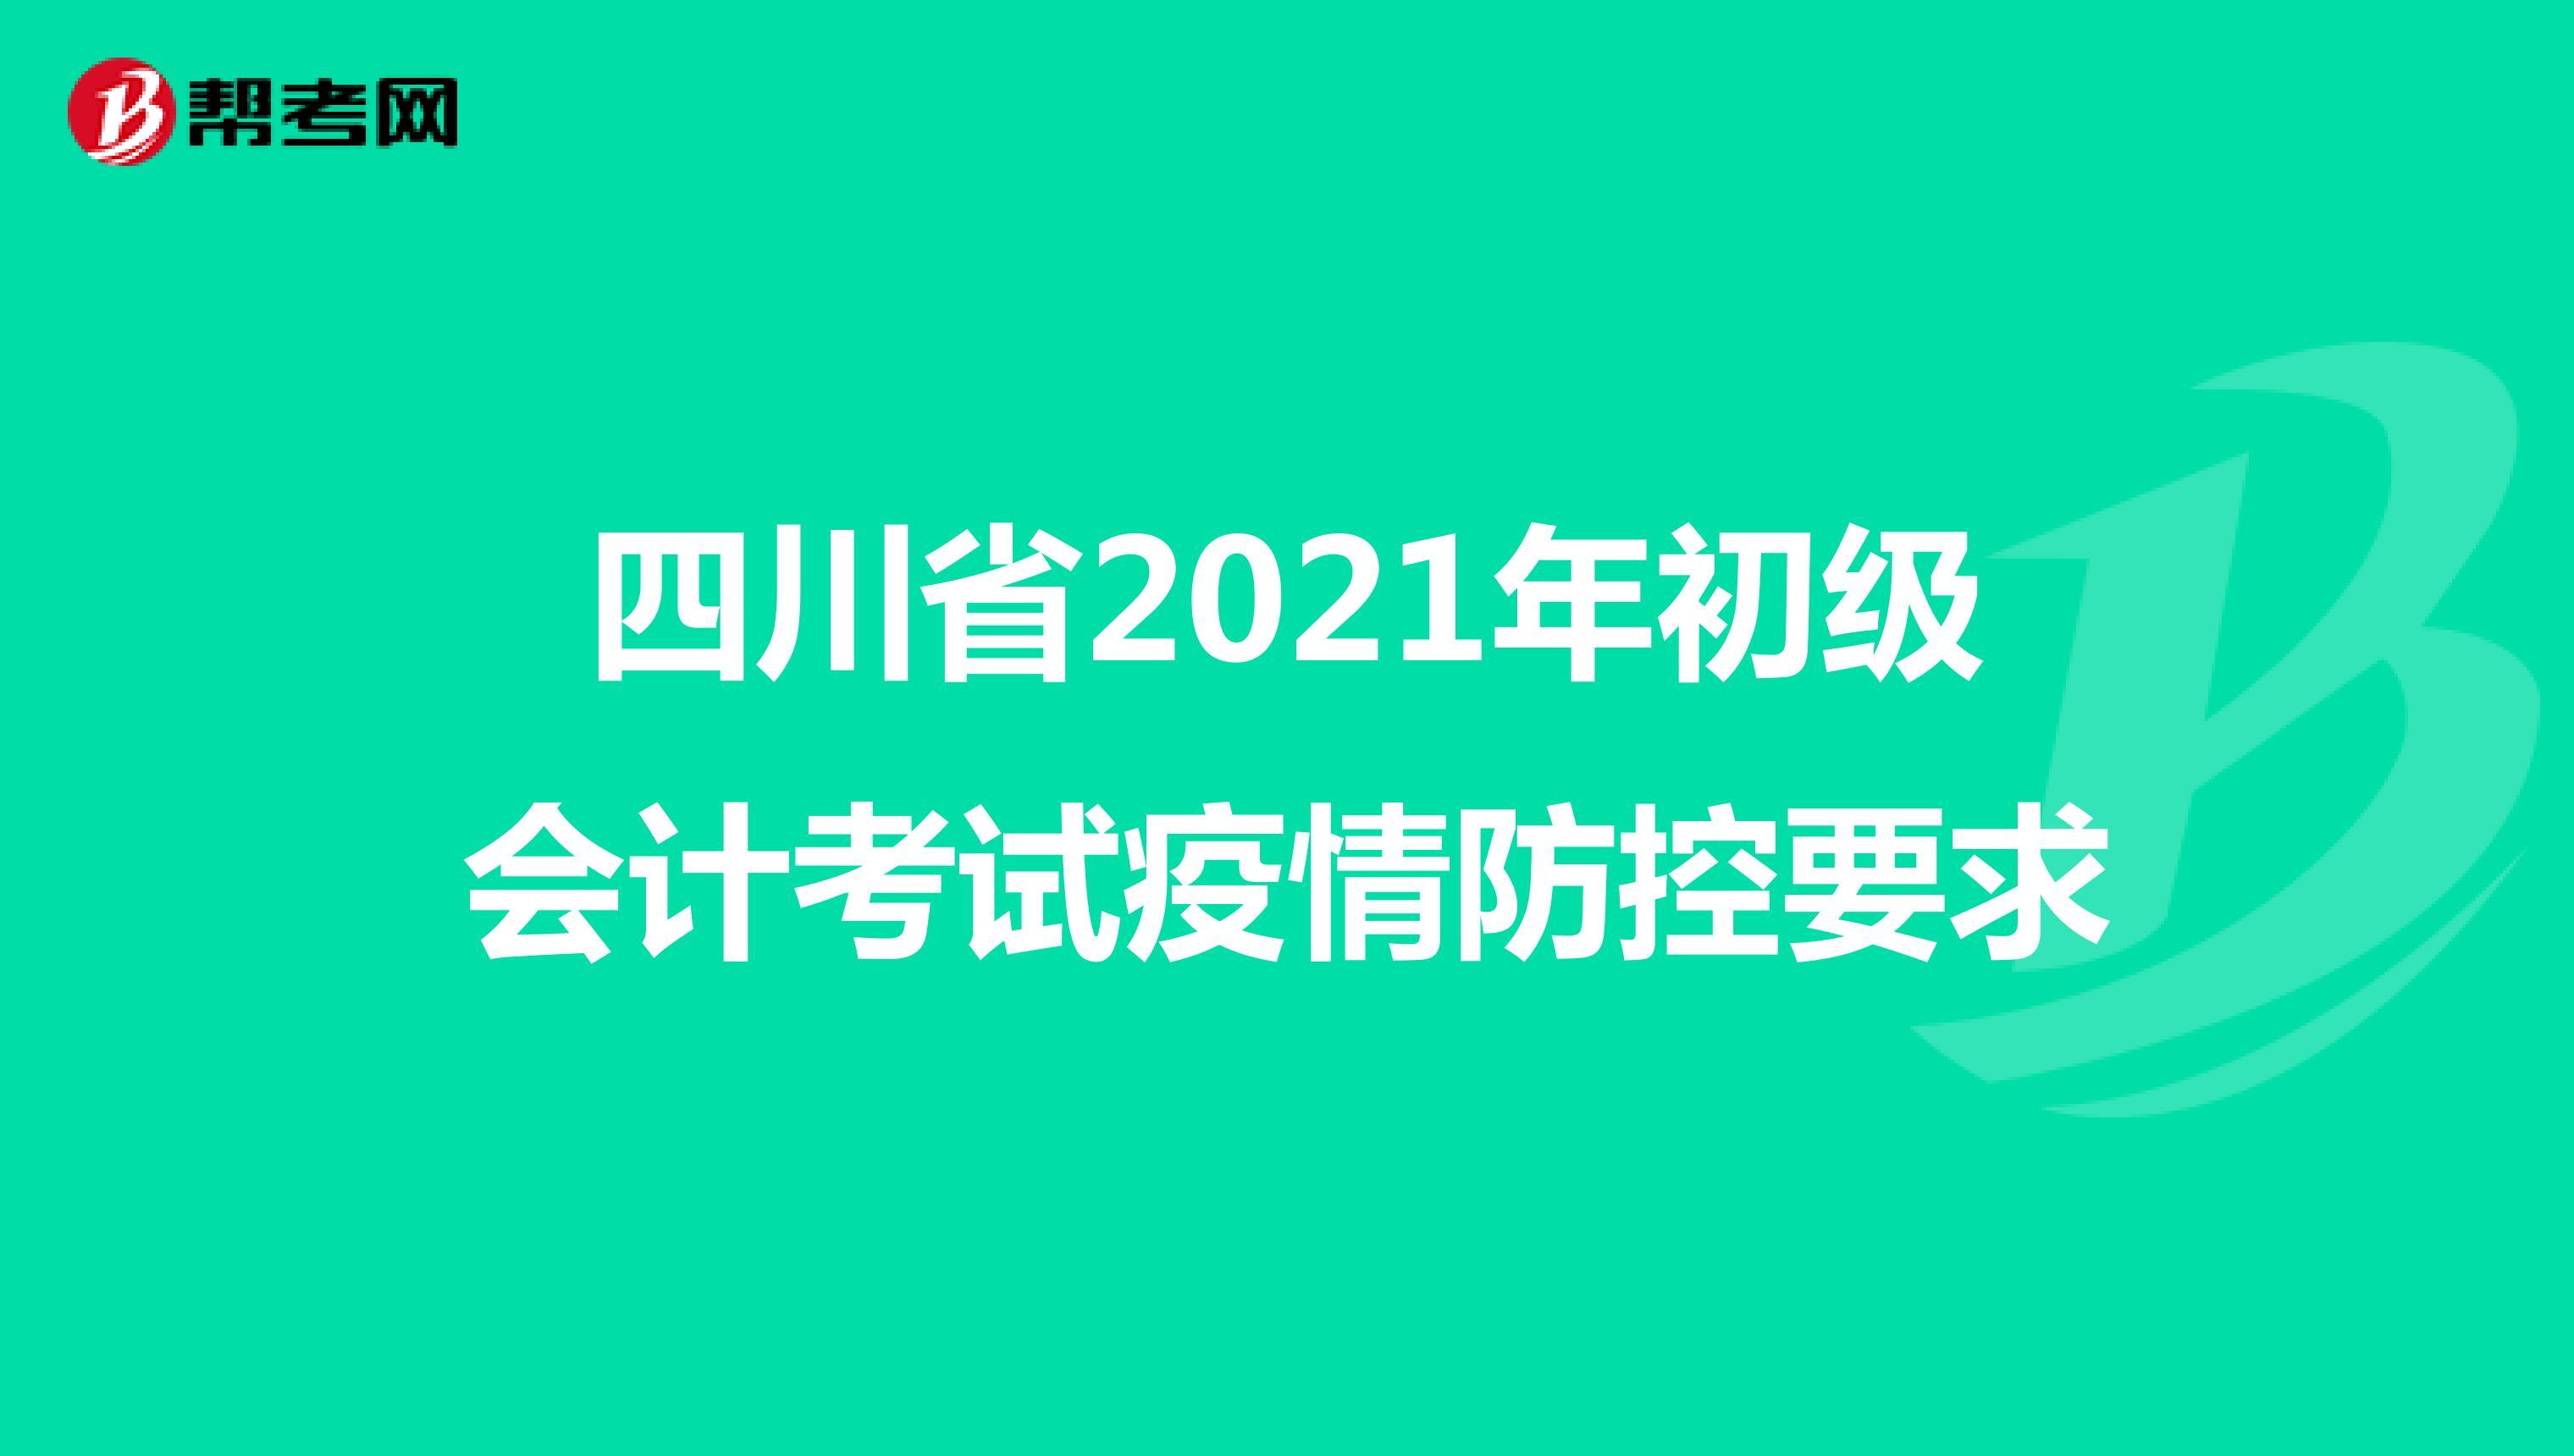 四川省2021年初级会计考试疫情防控要求